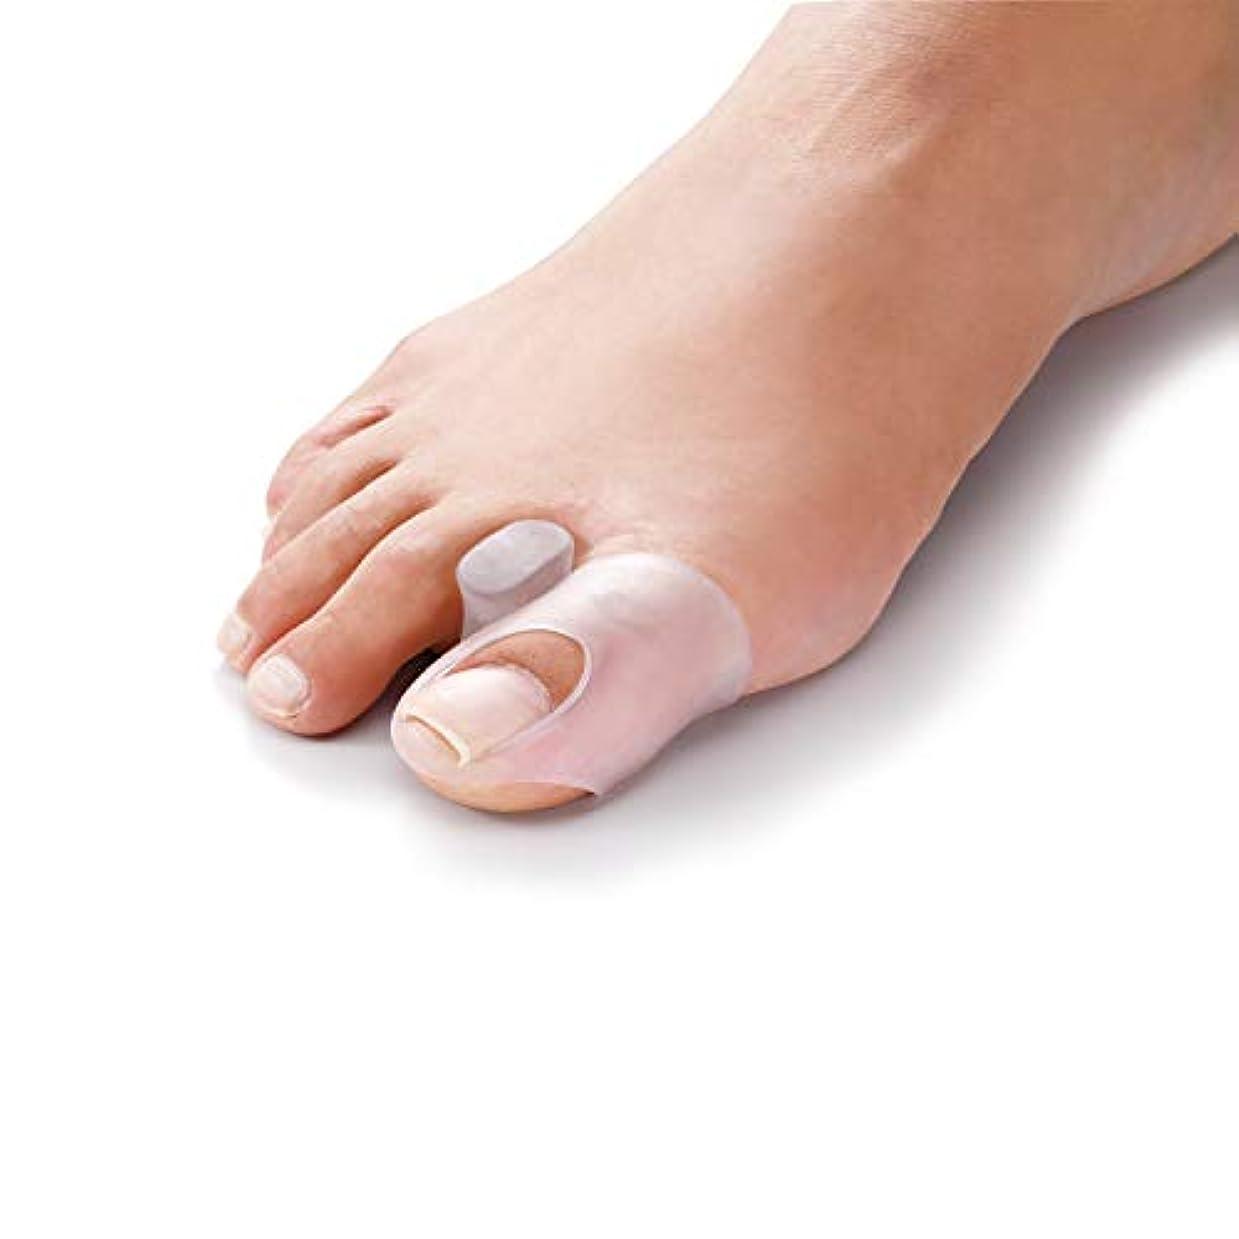 比較的尊敬増幅するやわらゲル 外反巻き爪ゲルサック 巻き爪 外反母趾 変型爪